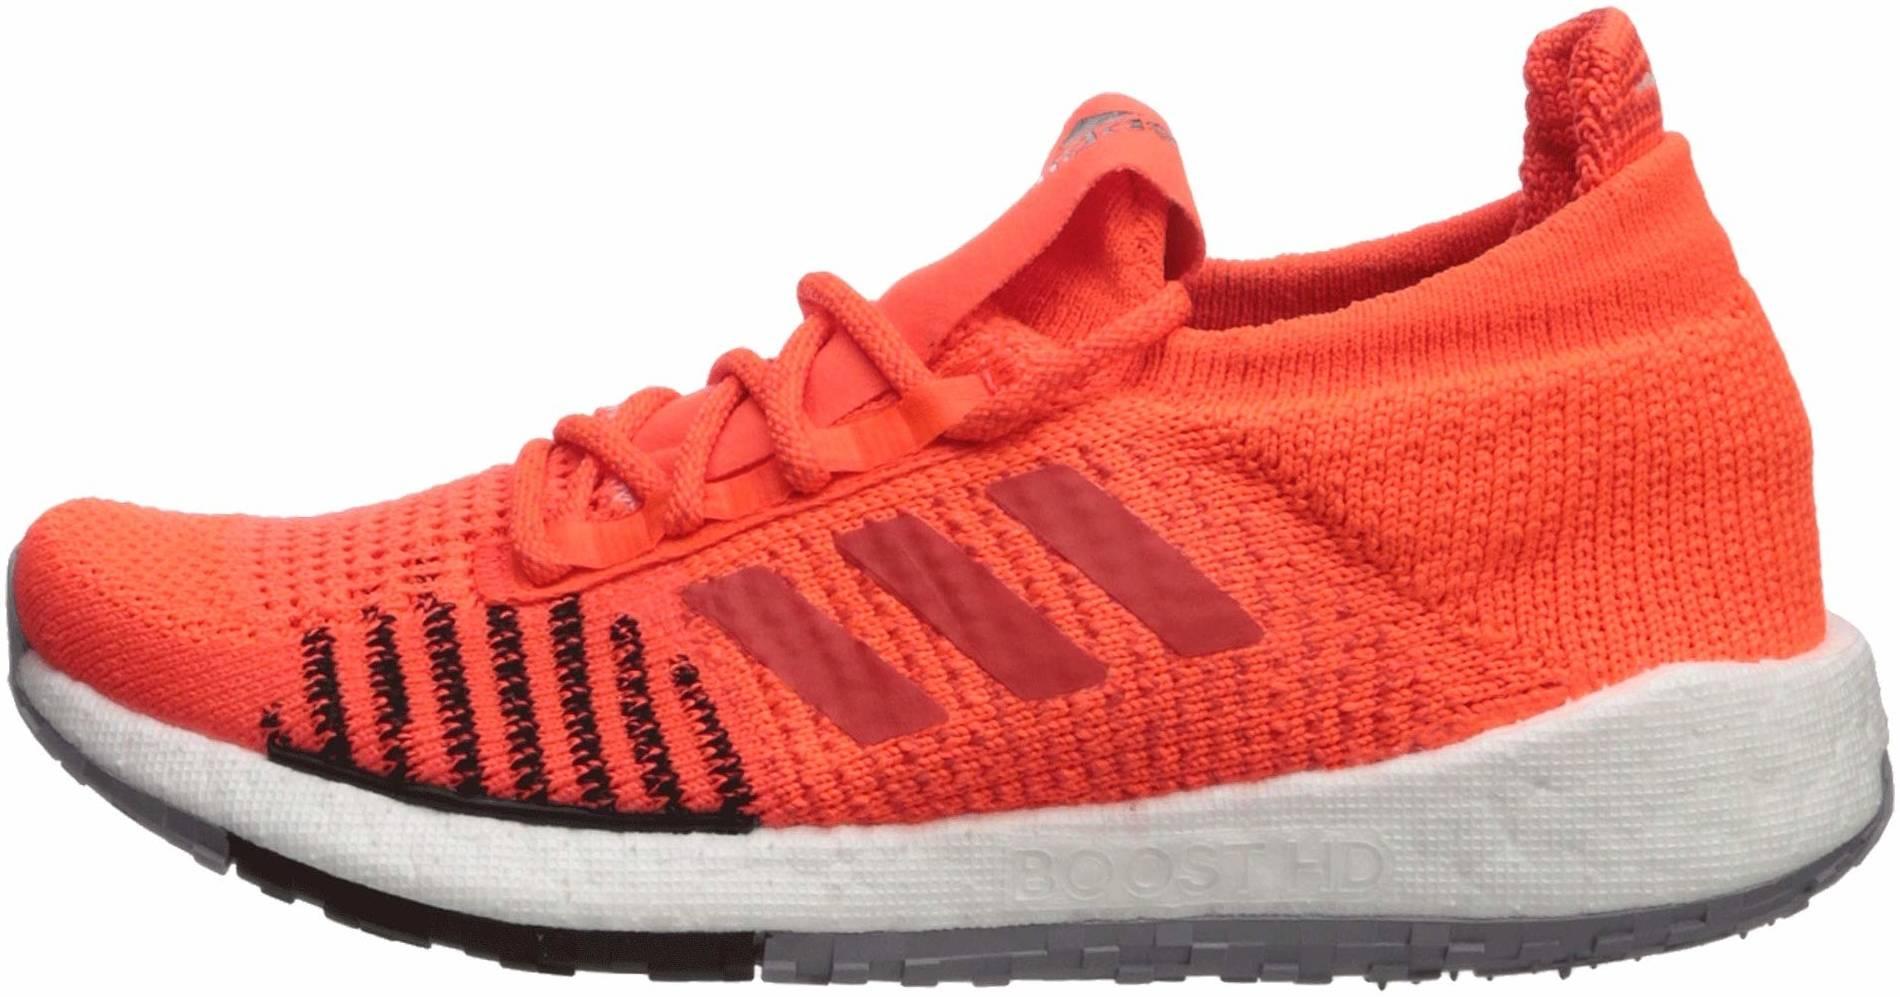 القمار مسجد الممتازة adidas running shoes size 5